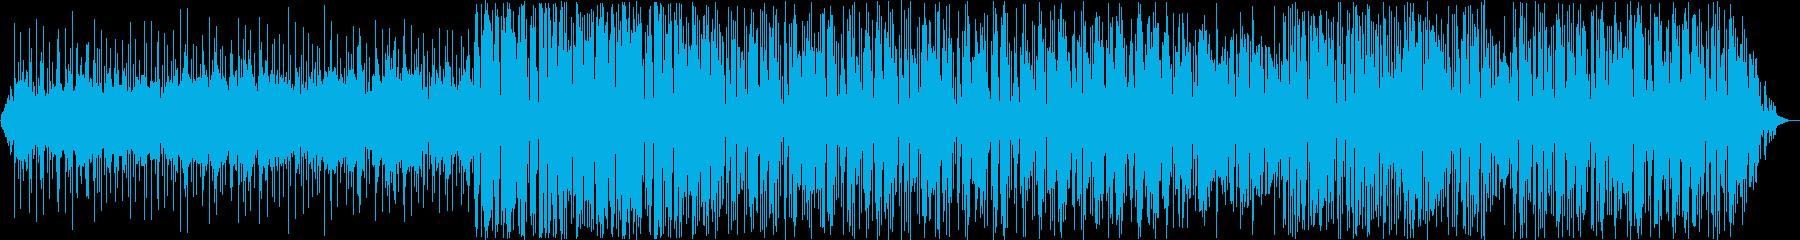 トラディショナル、レゲエ、ポップ。...の再生済みの波形